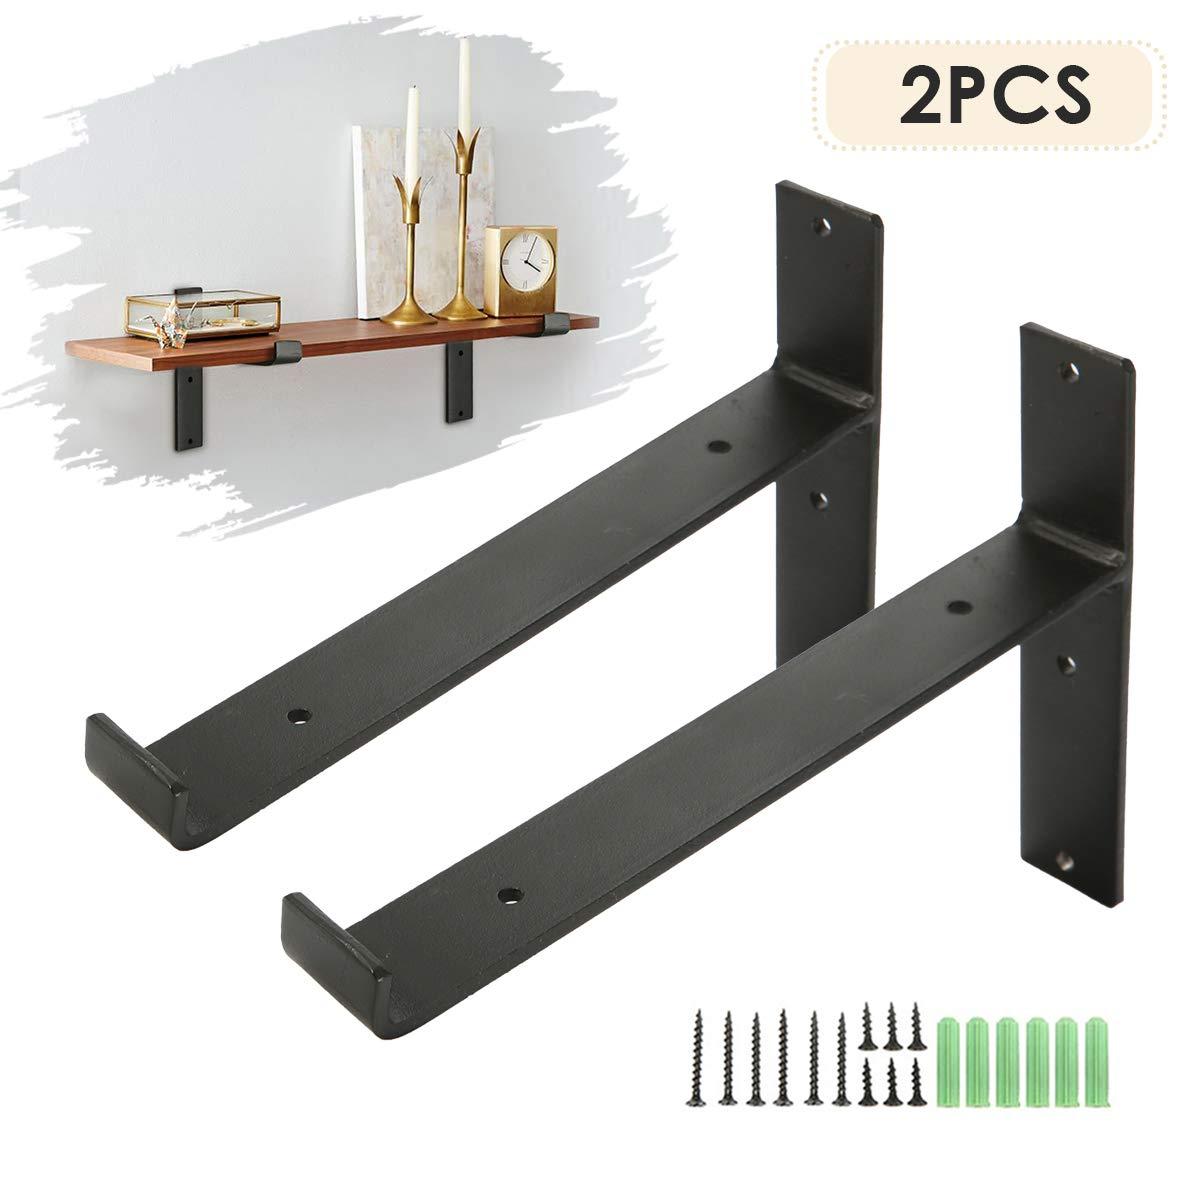 Admirable King Do Way T Brackets Heavy Duty For Scaffold Board Wooden Board Angle Corner Brace Shelves Brackets Interior Design Ideas Gentotthenellocom